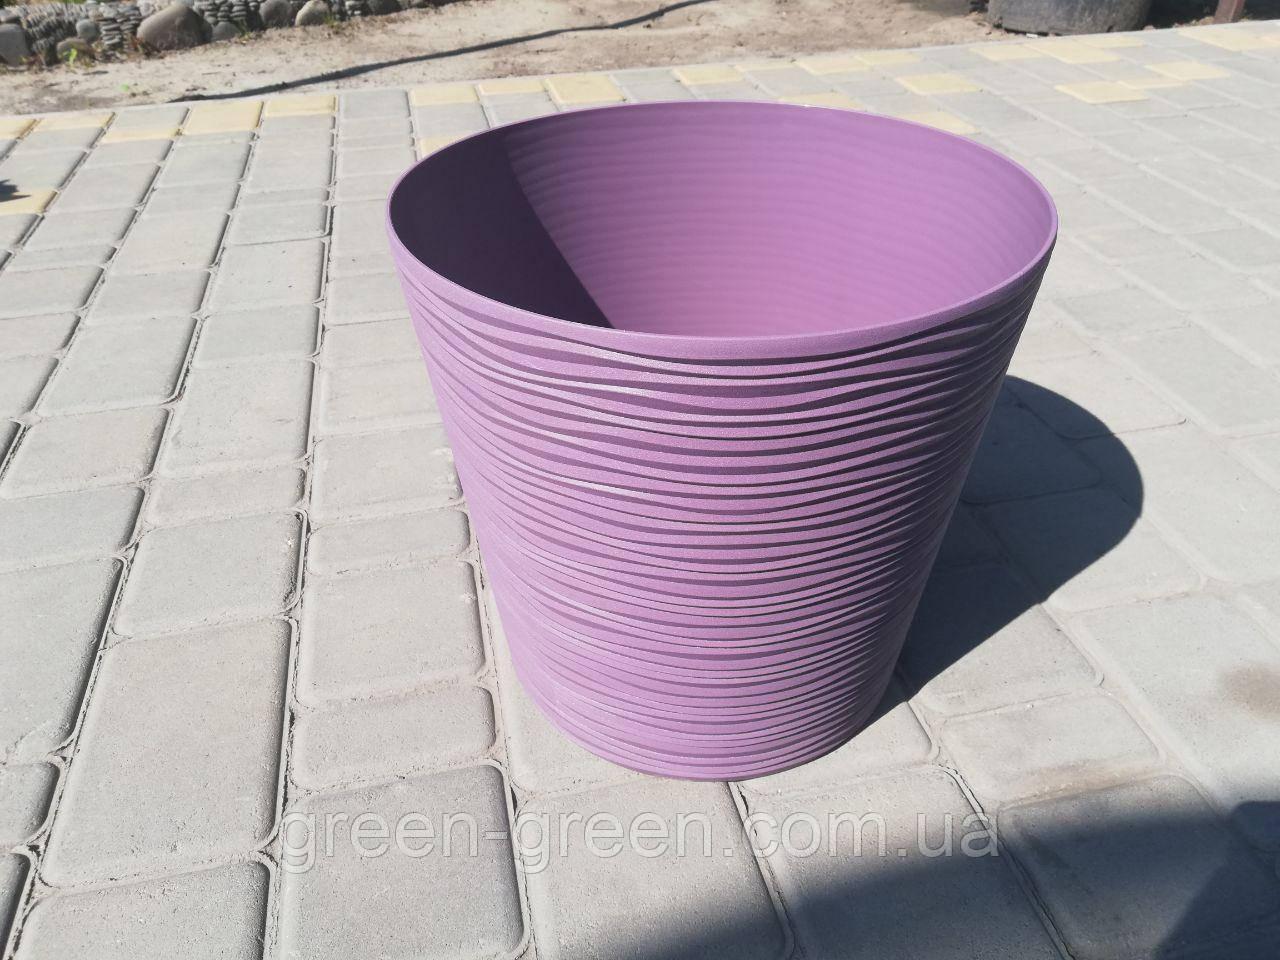 Вазон Ф'южн з дренажної вставкою, 23,5х22 фіолетовий